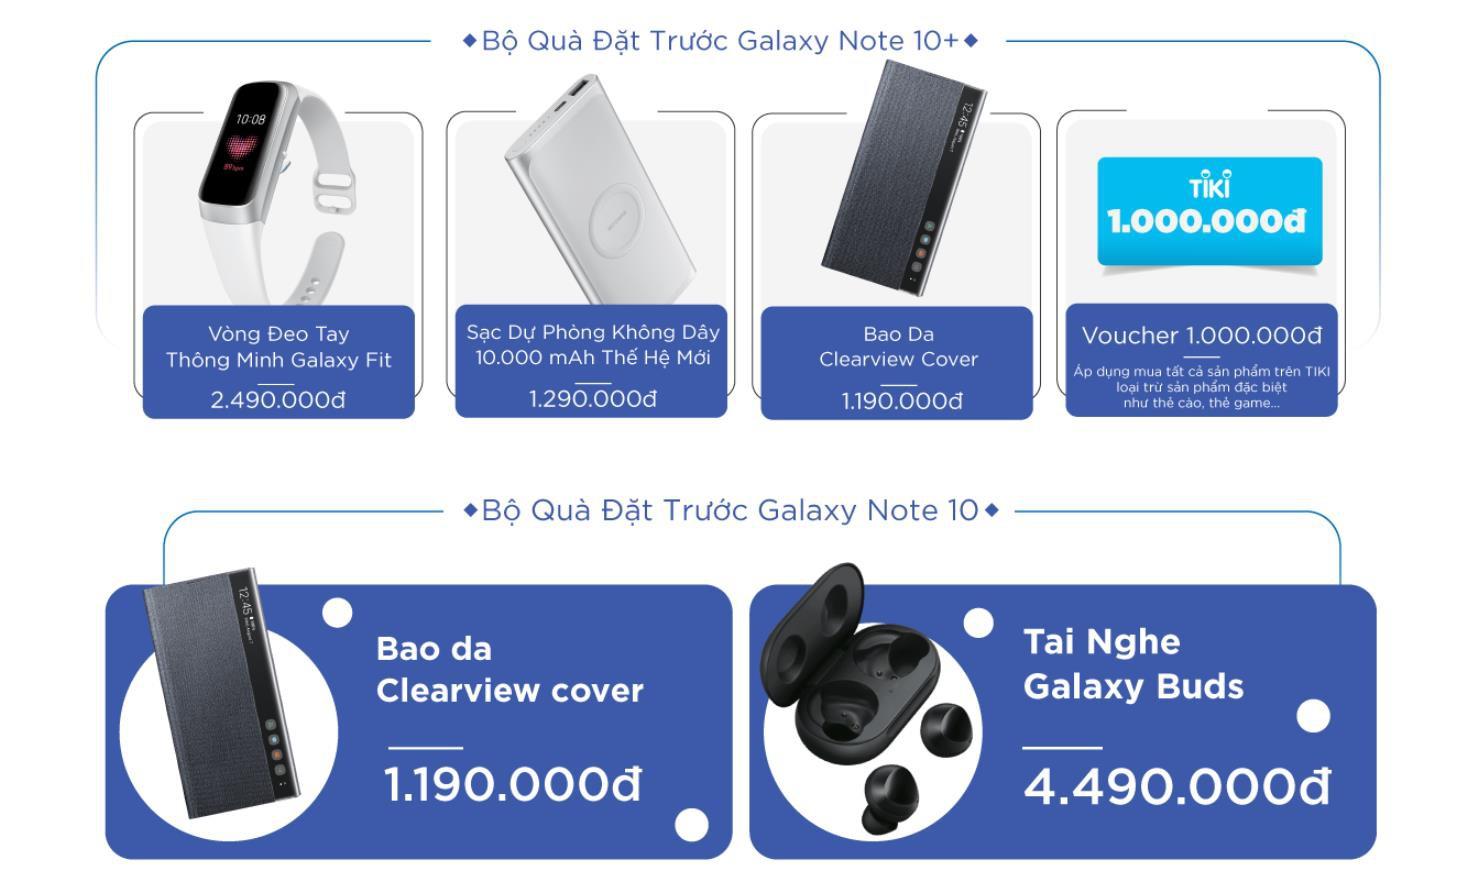 Phát hiện 3 ưu đãi hời khi mua Samsung Galaxy Note10/10+, bất ngờ nhất là điều số 1 - Ảnh 3.